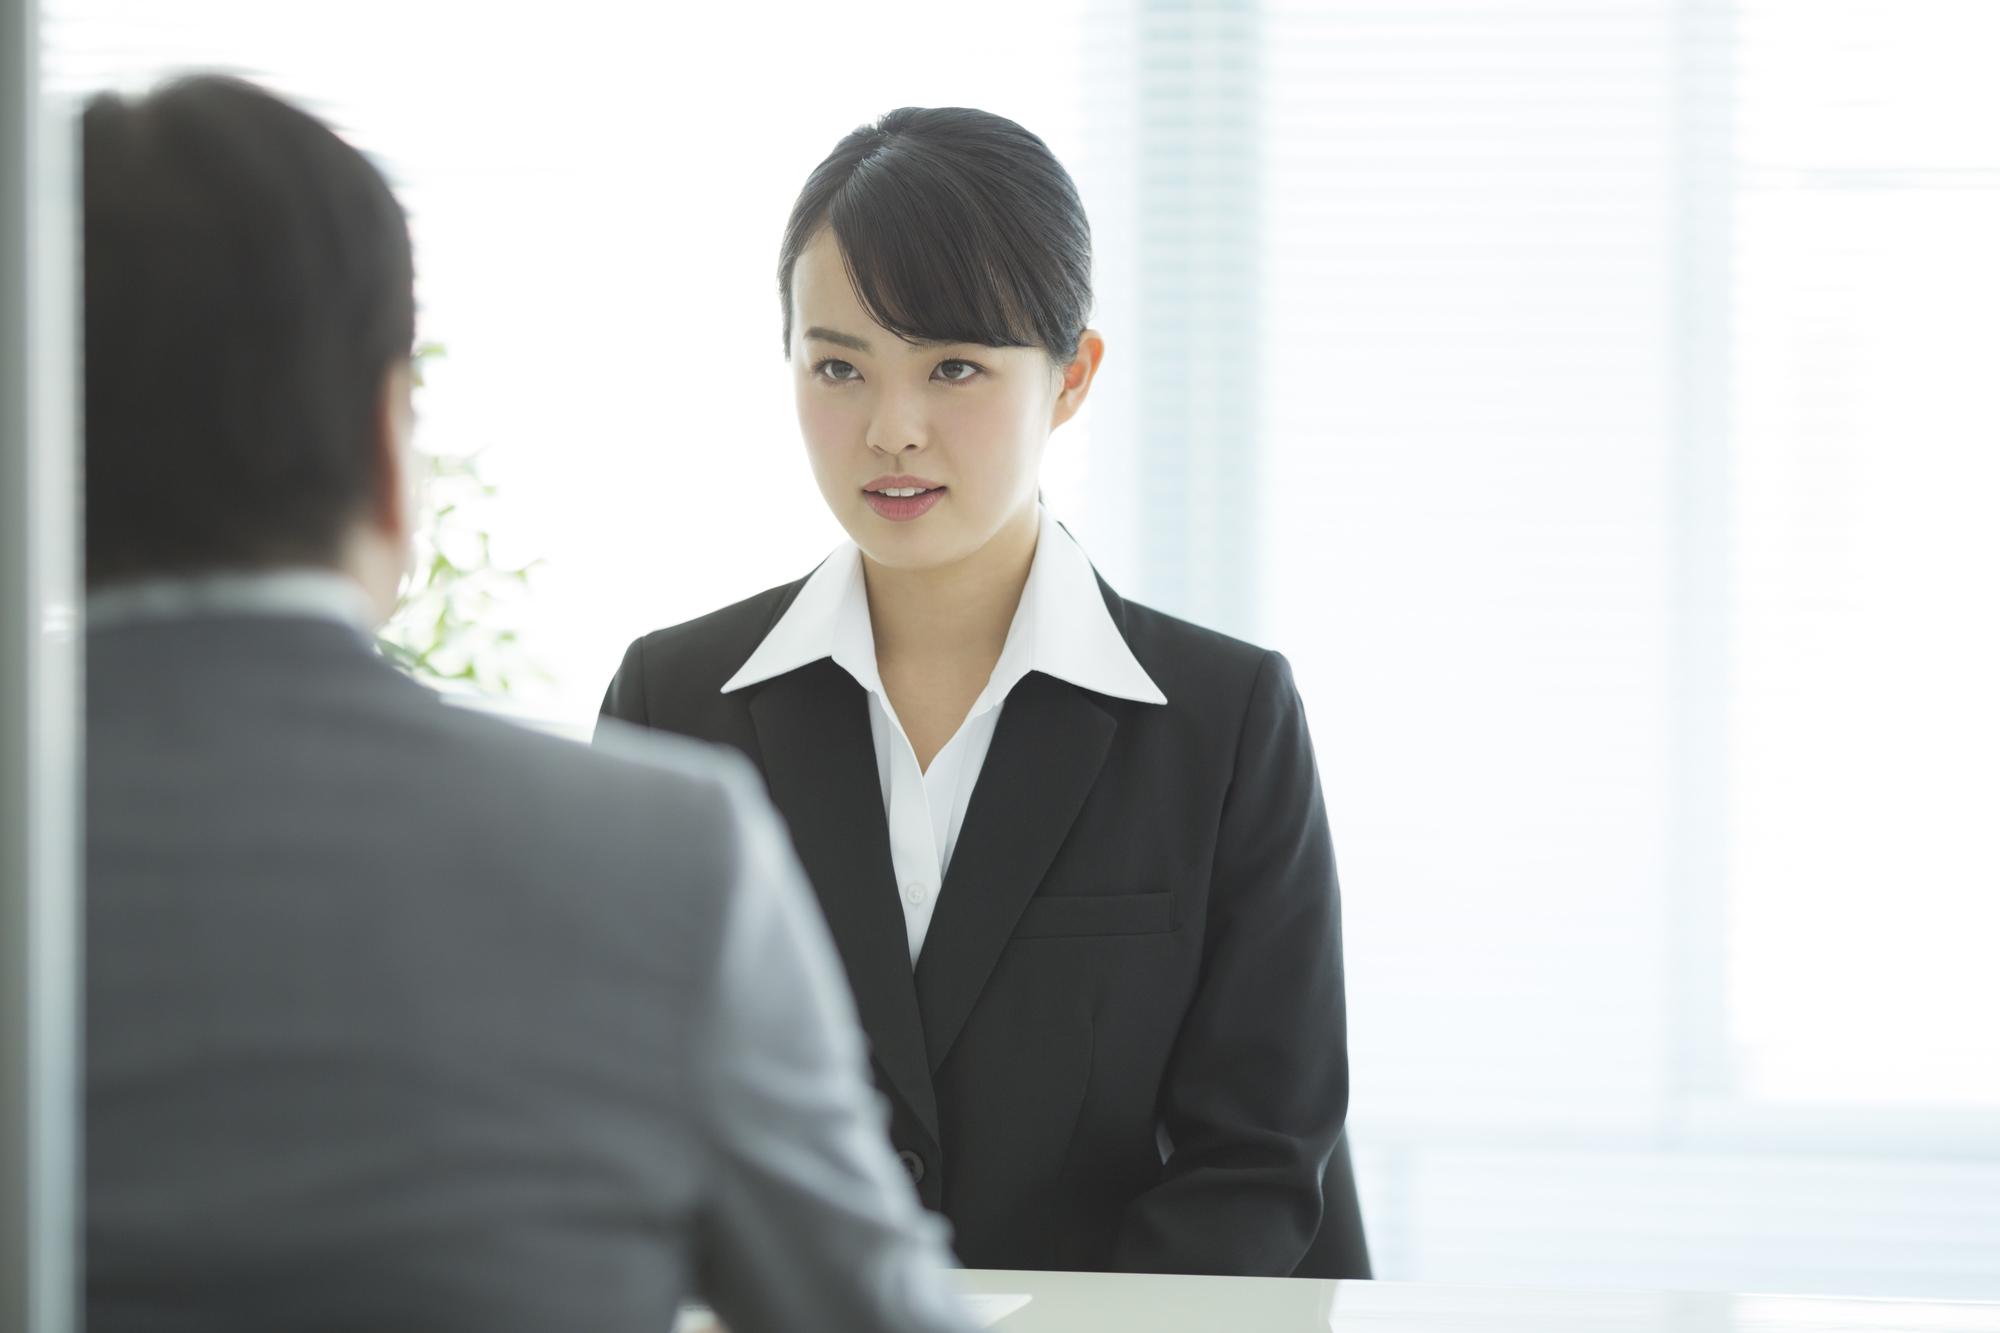 他の就活生と差を付ける!「最後に一言ありますか?」へのベストな答え方とは